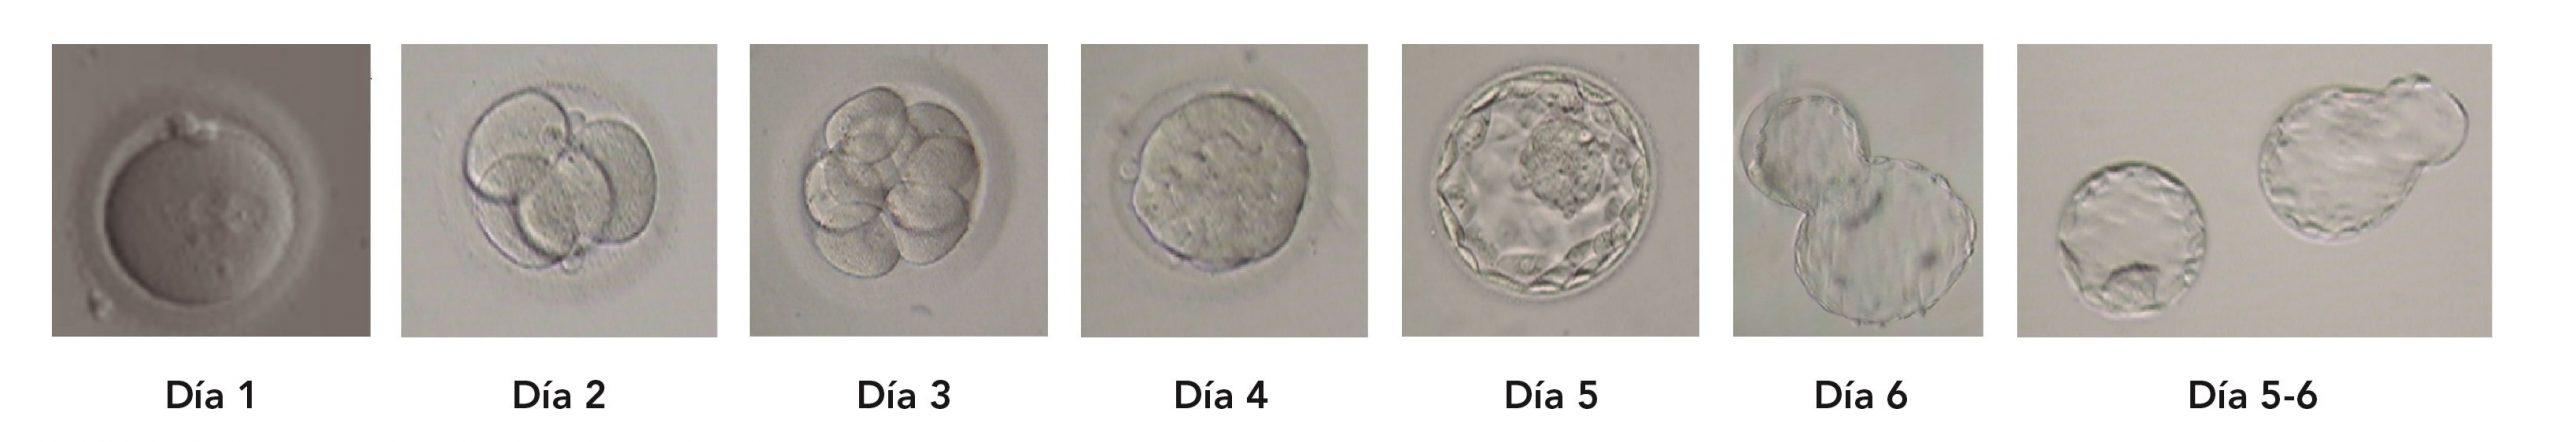 Criterios para la clasificación de los embriones